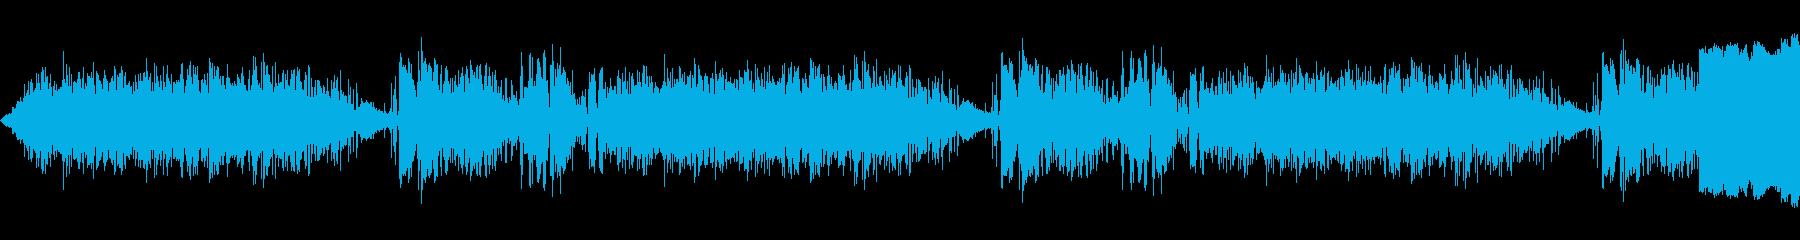 ラジオスタティック1の再生済みの波形